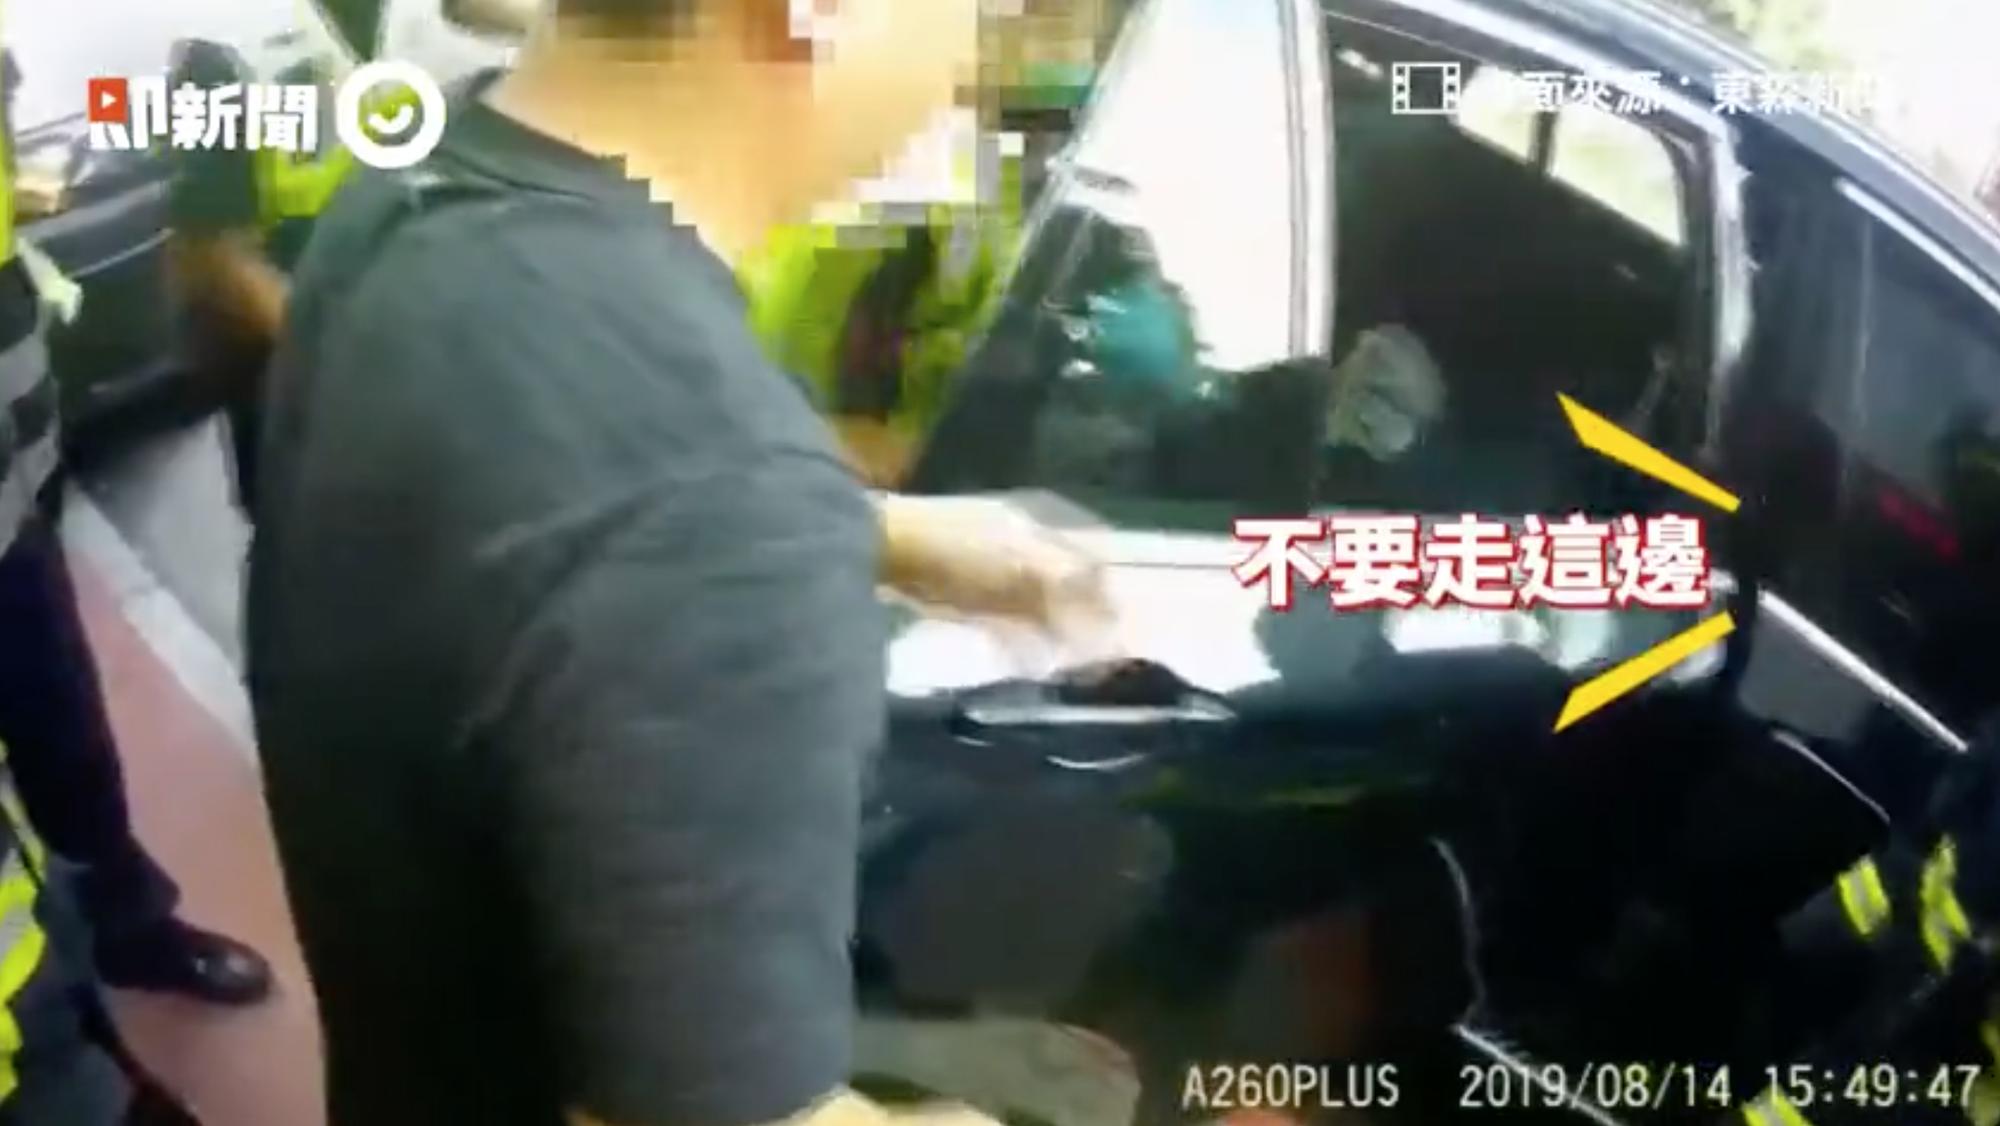 Con trai 2 tuổi bị kẹt trong ô tô, bố nhờ cảnh sát giải cứu nhưng cách anh cám ơn cơ quan chức năng khiến ai cũng phẫn nộ-1